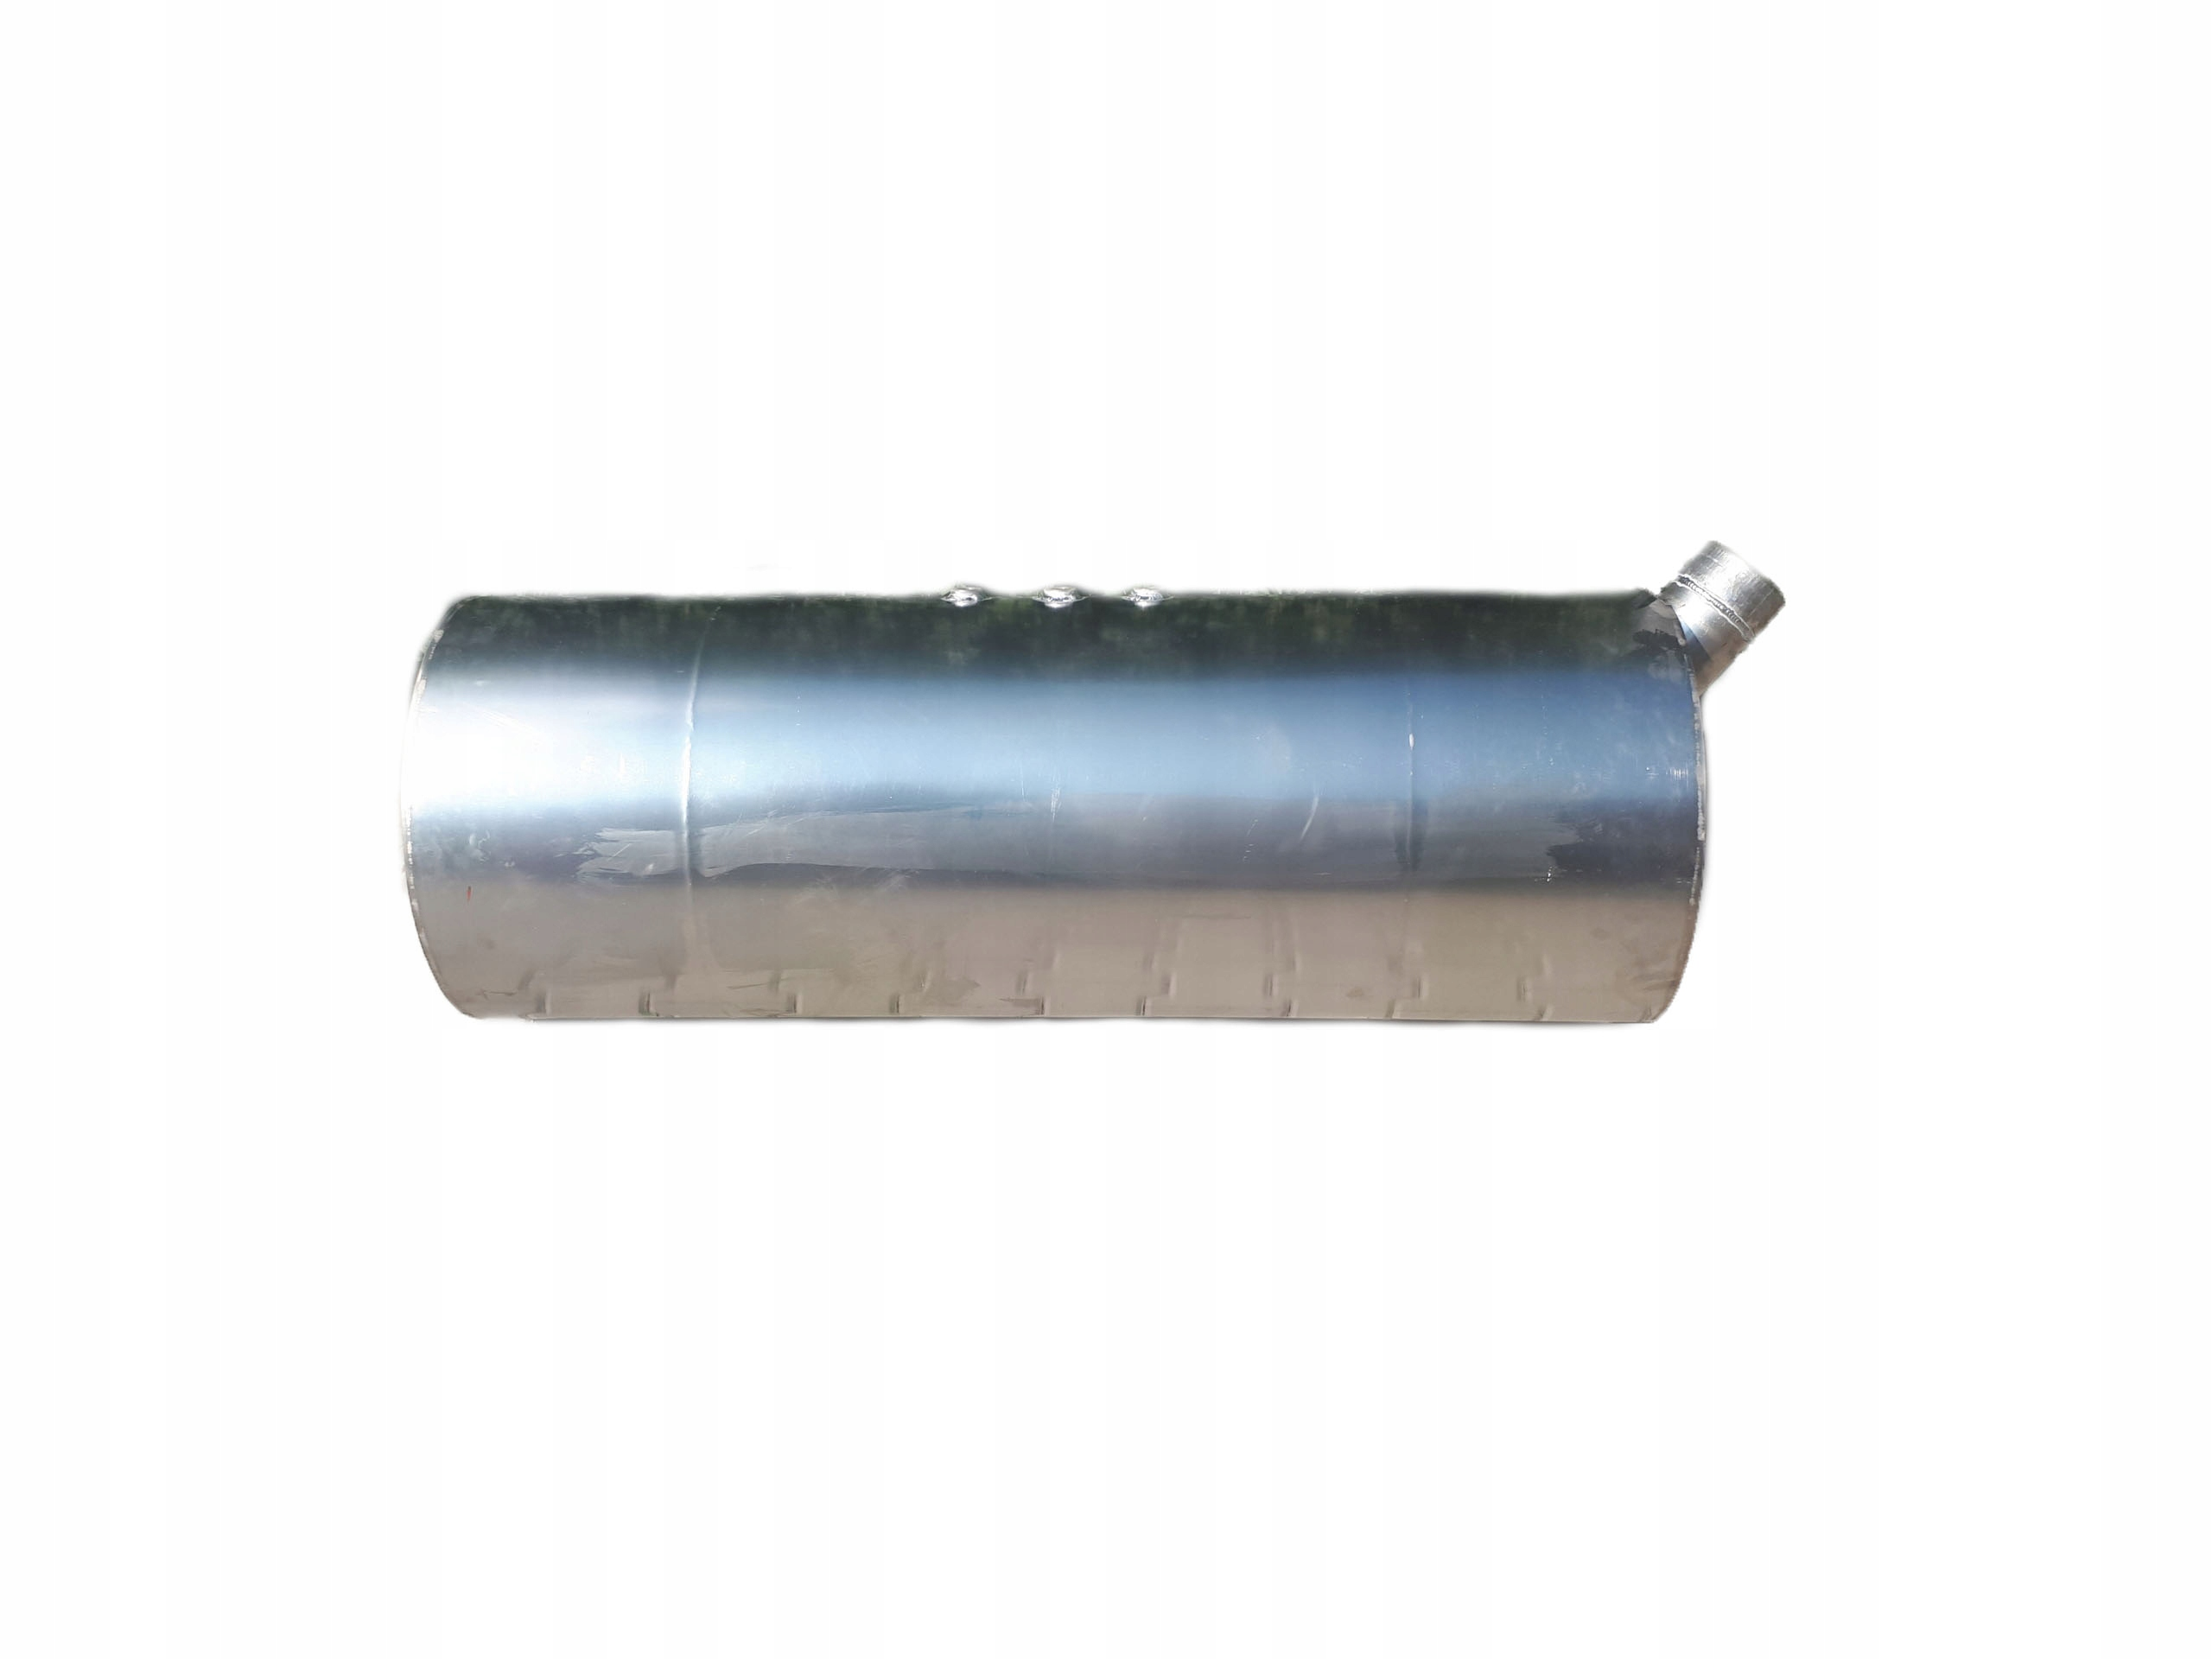 бак топлива рефрижератор приводимый в действие алюминий 180 l